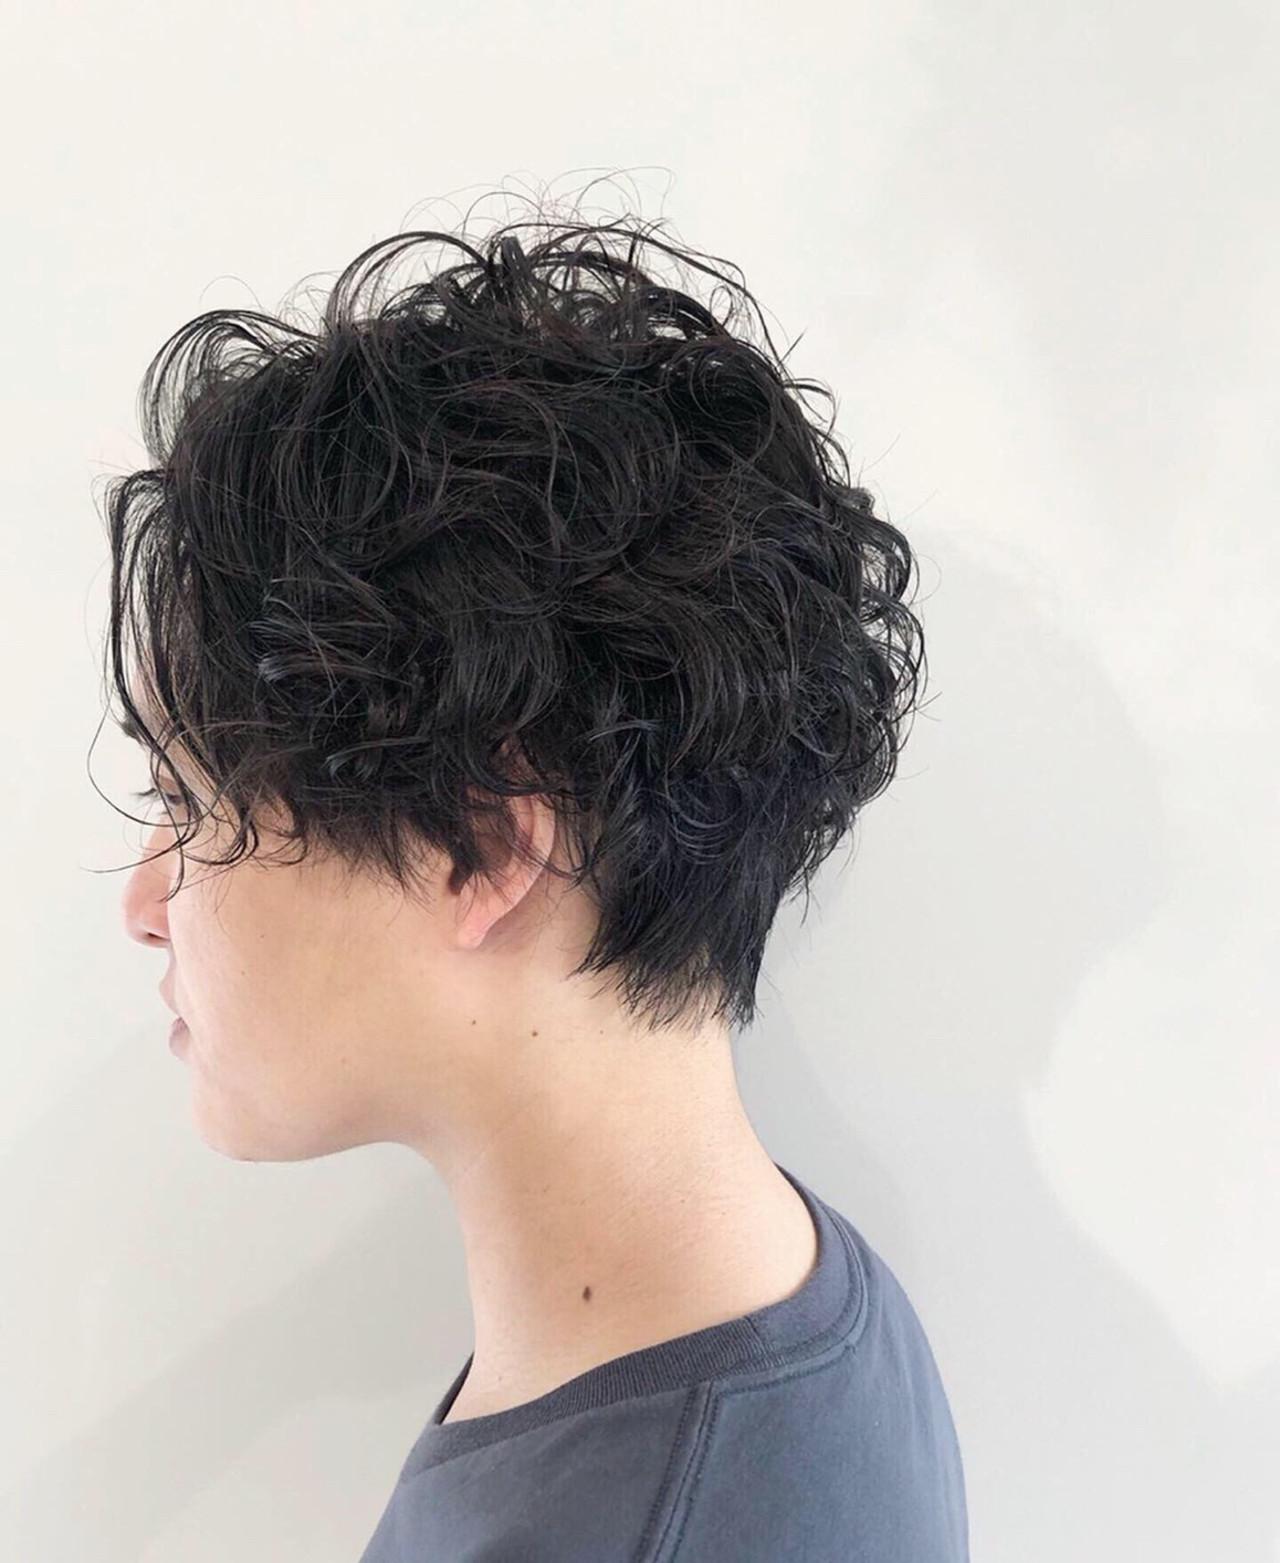 スパイラルパーマ ストリート メンズパーマ ショートヘアスタイルや髪型の写真・画像